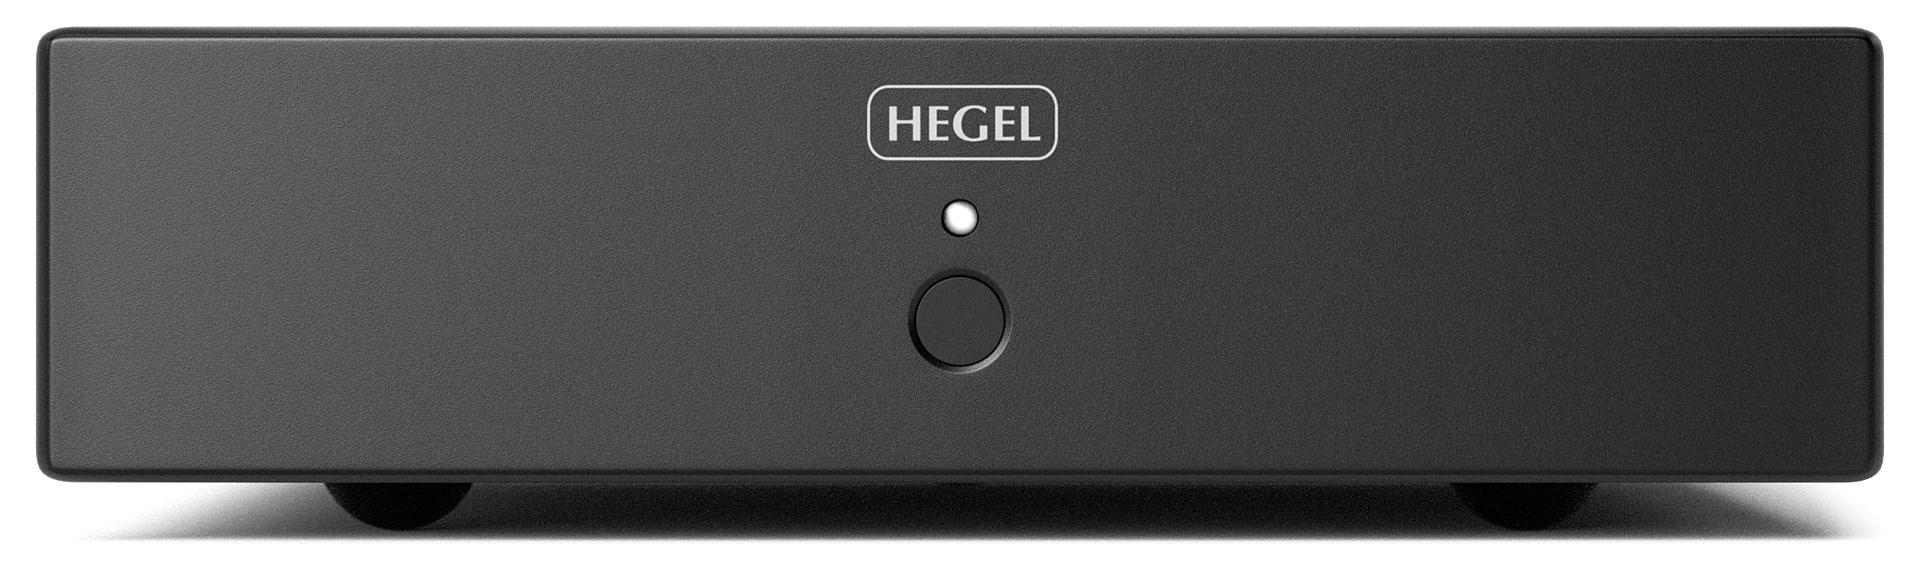 Hegel V10